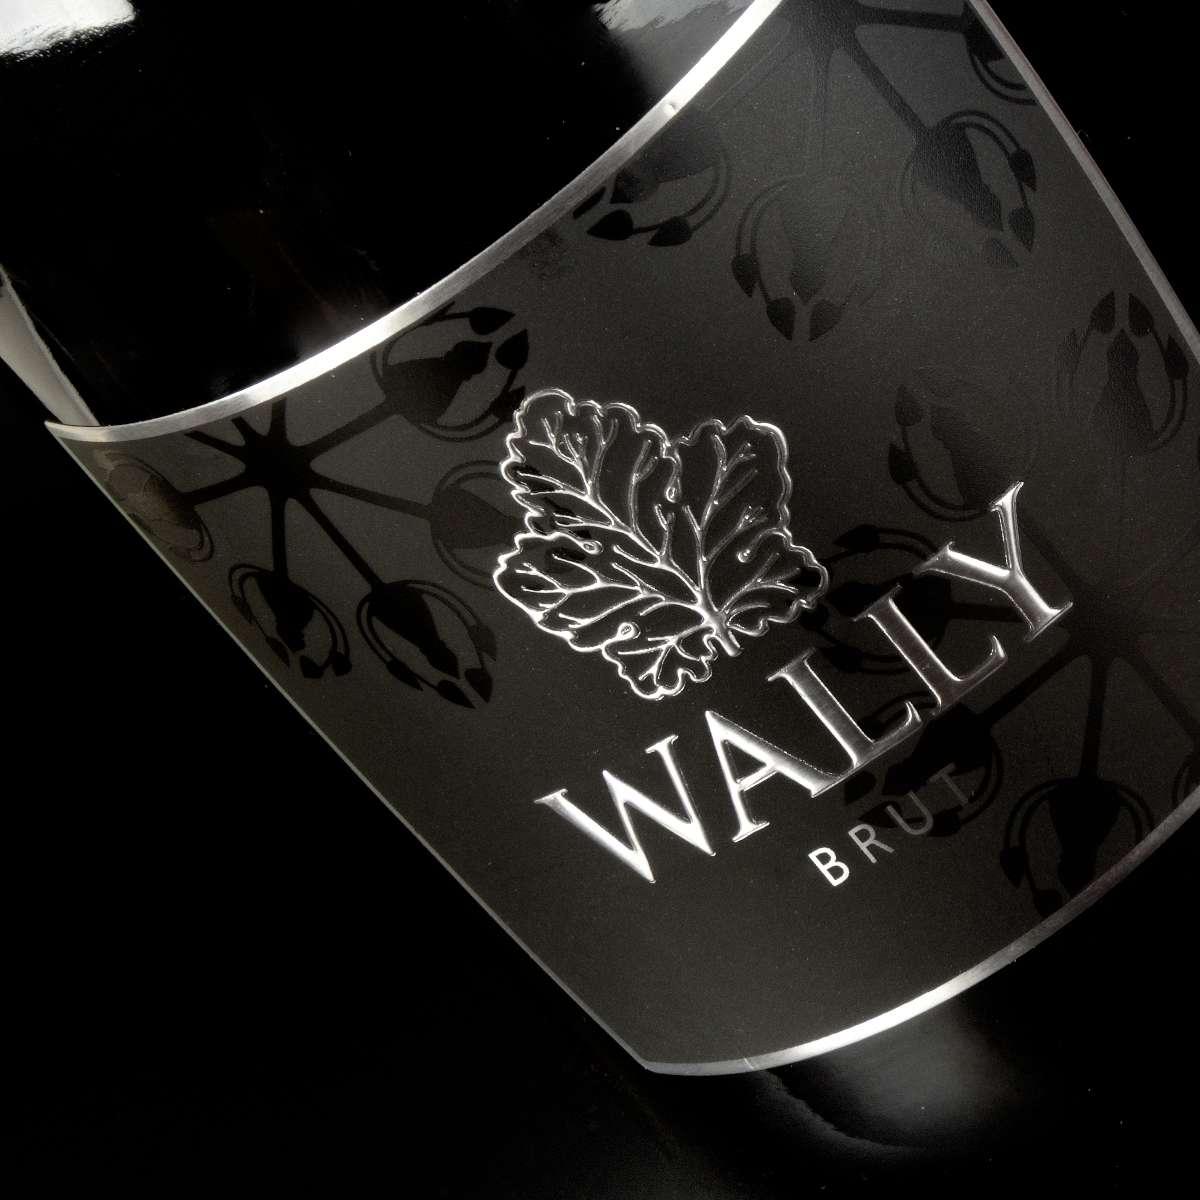 progettazione etichetta wally cantina le colline studio kbrush